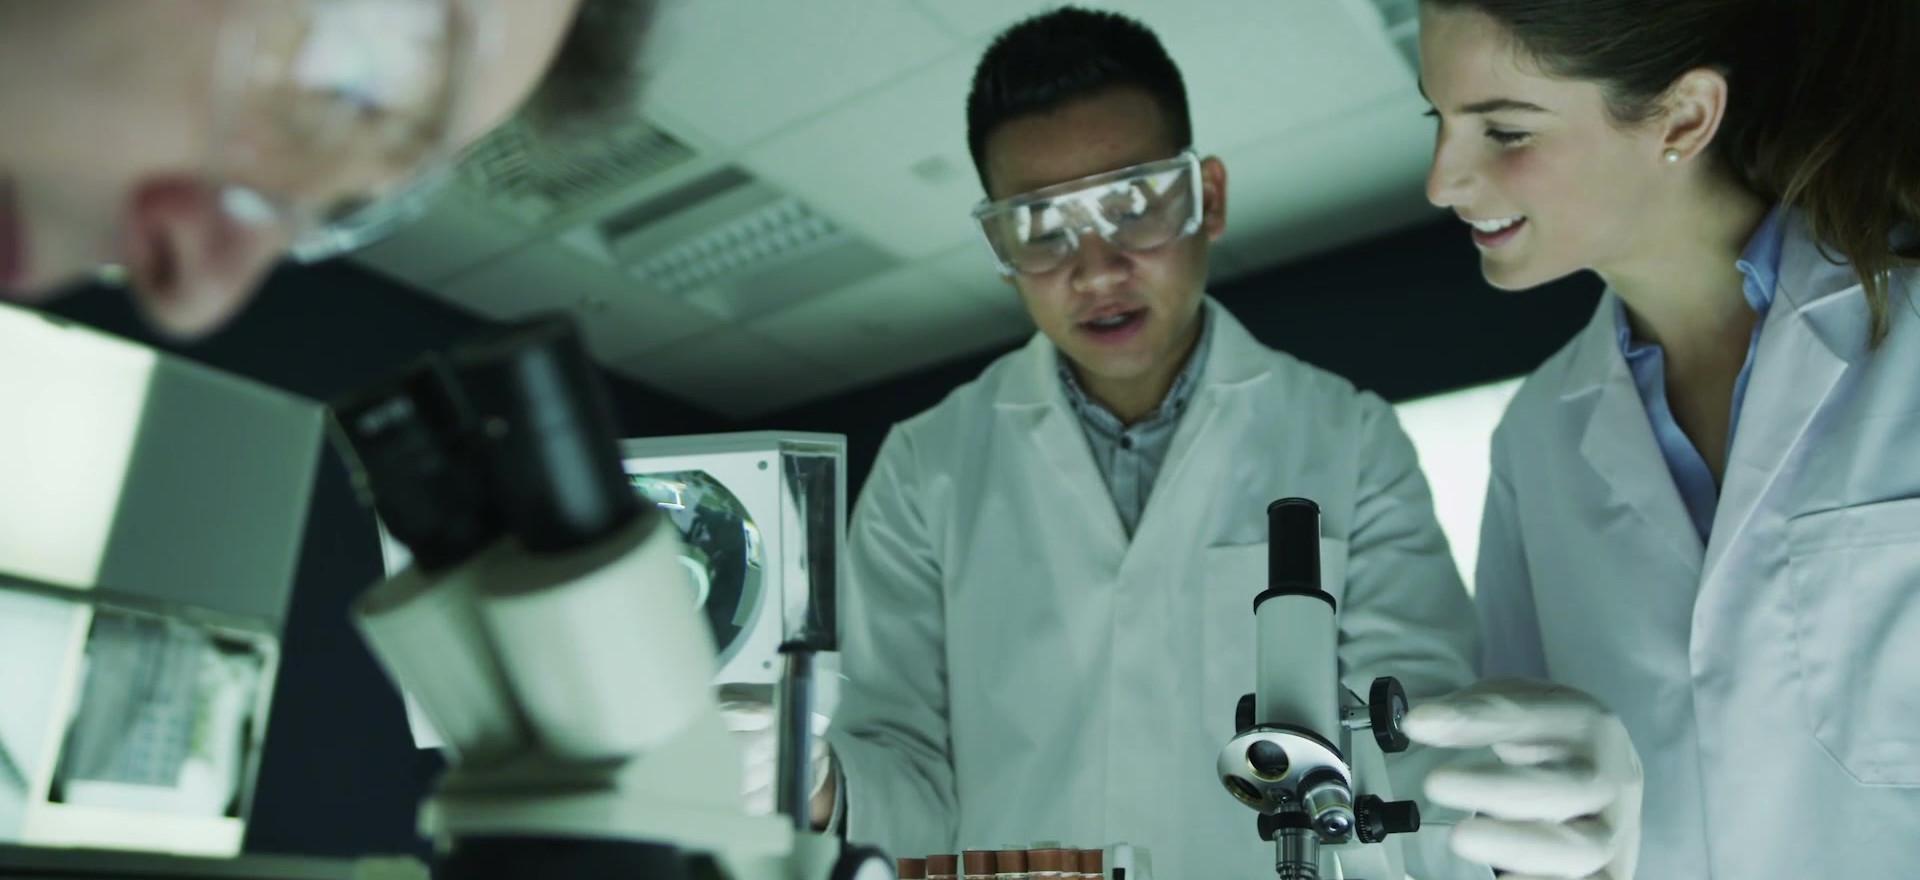 Los científicos analizar muestras